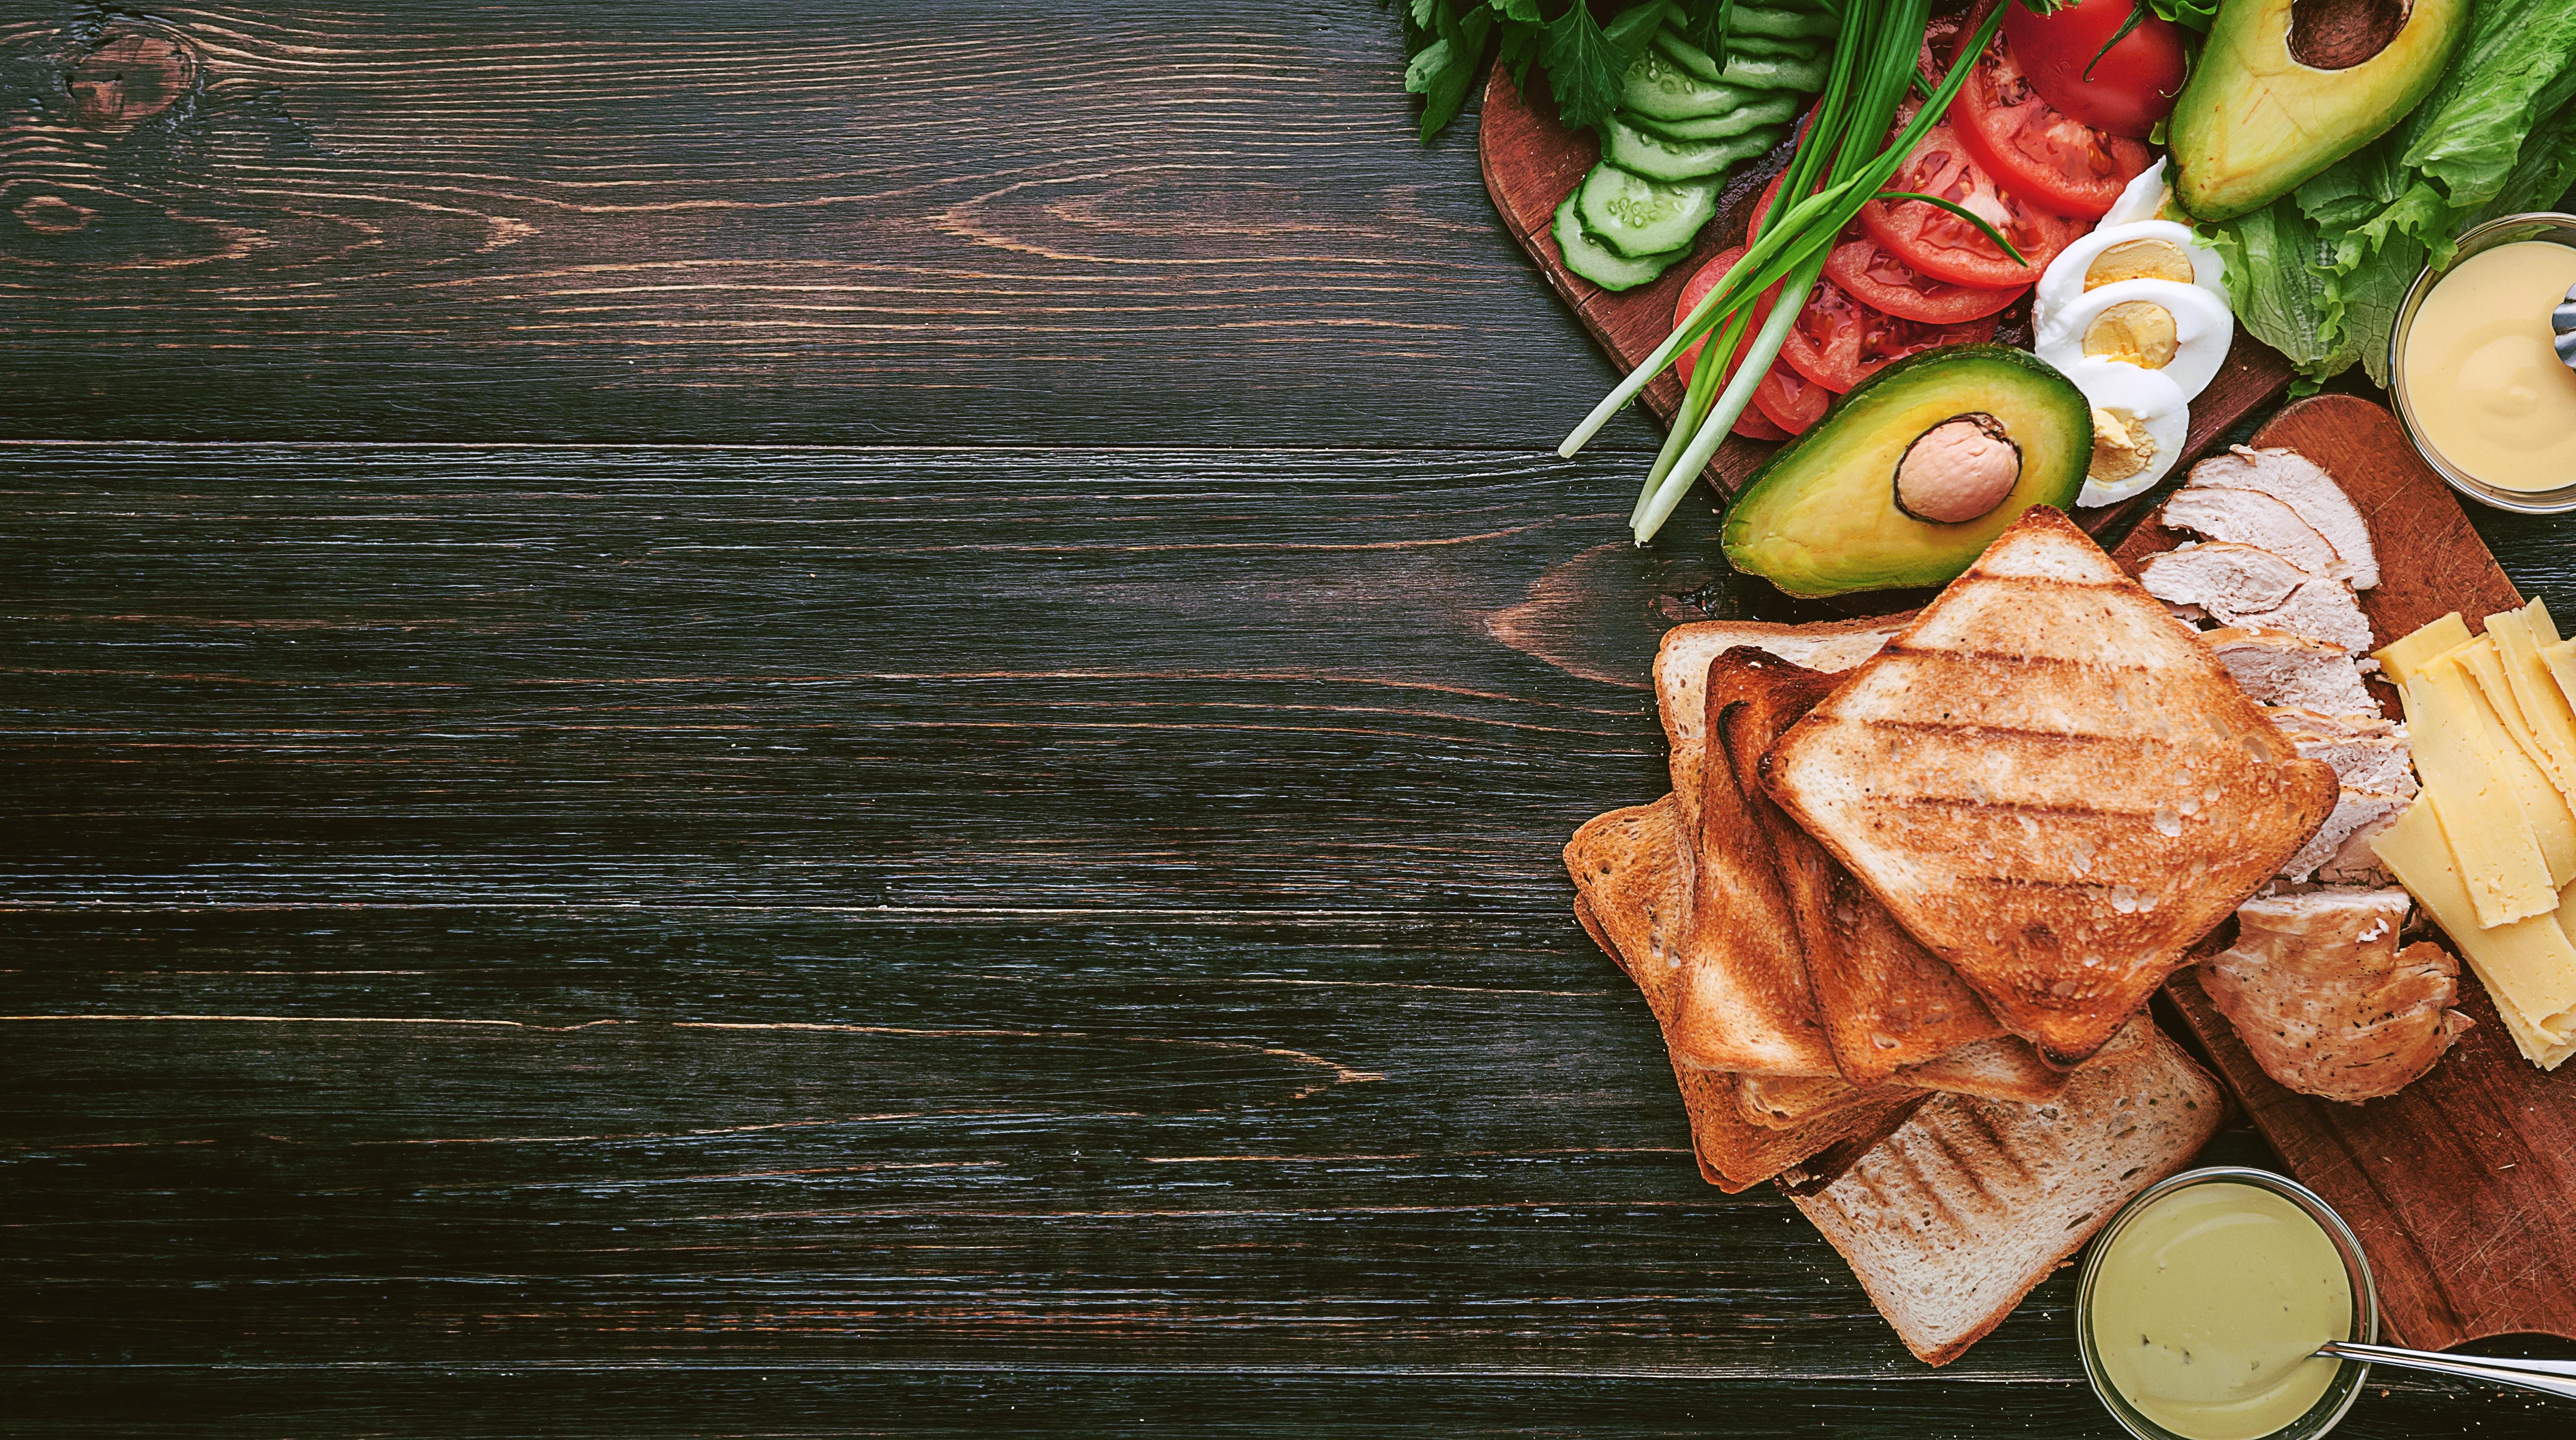 Красивые картинки еды на презентацию